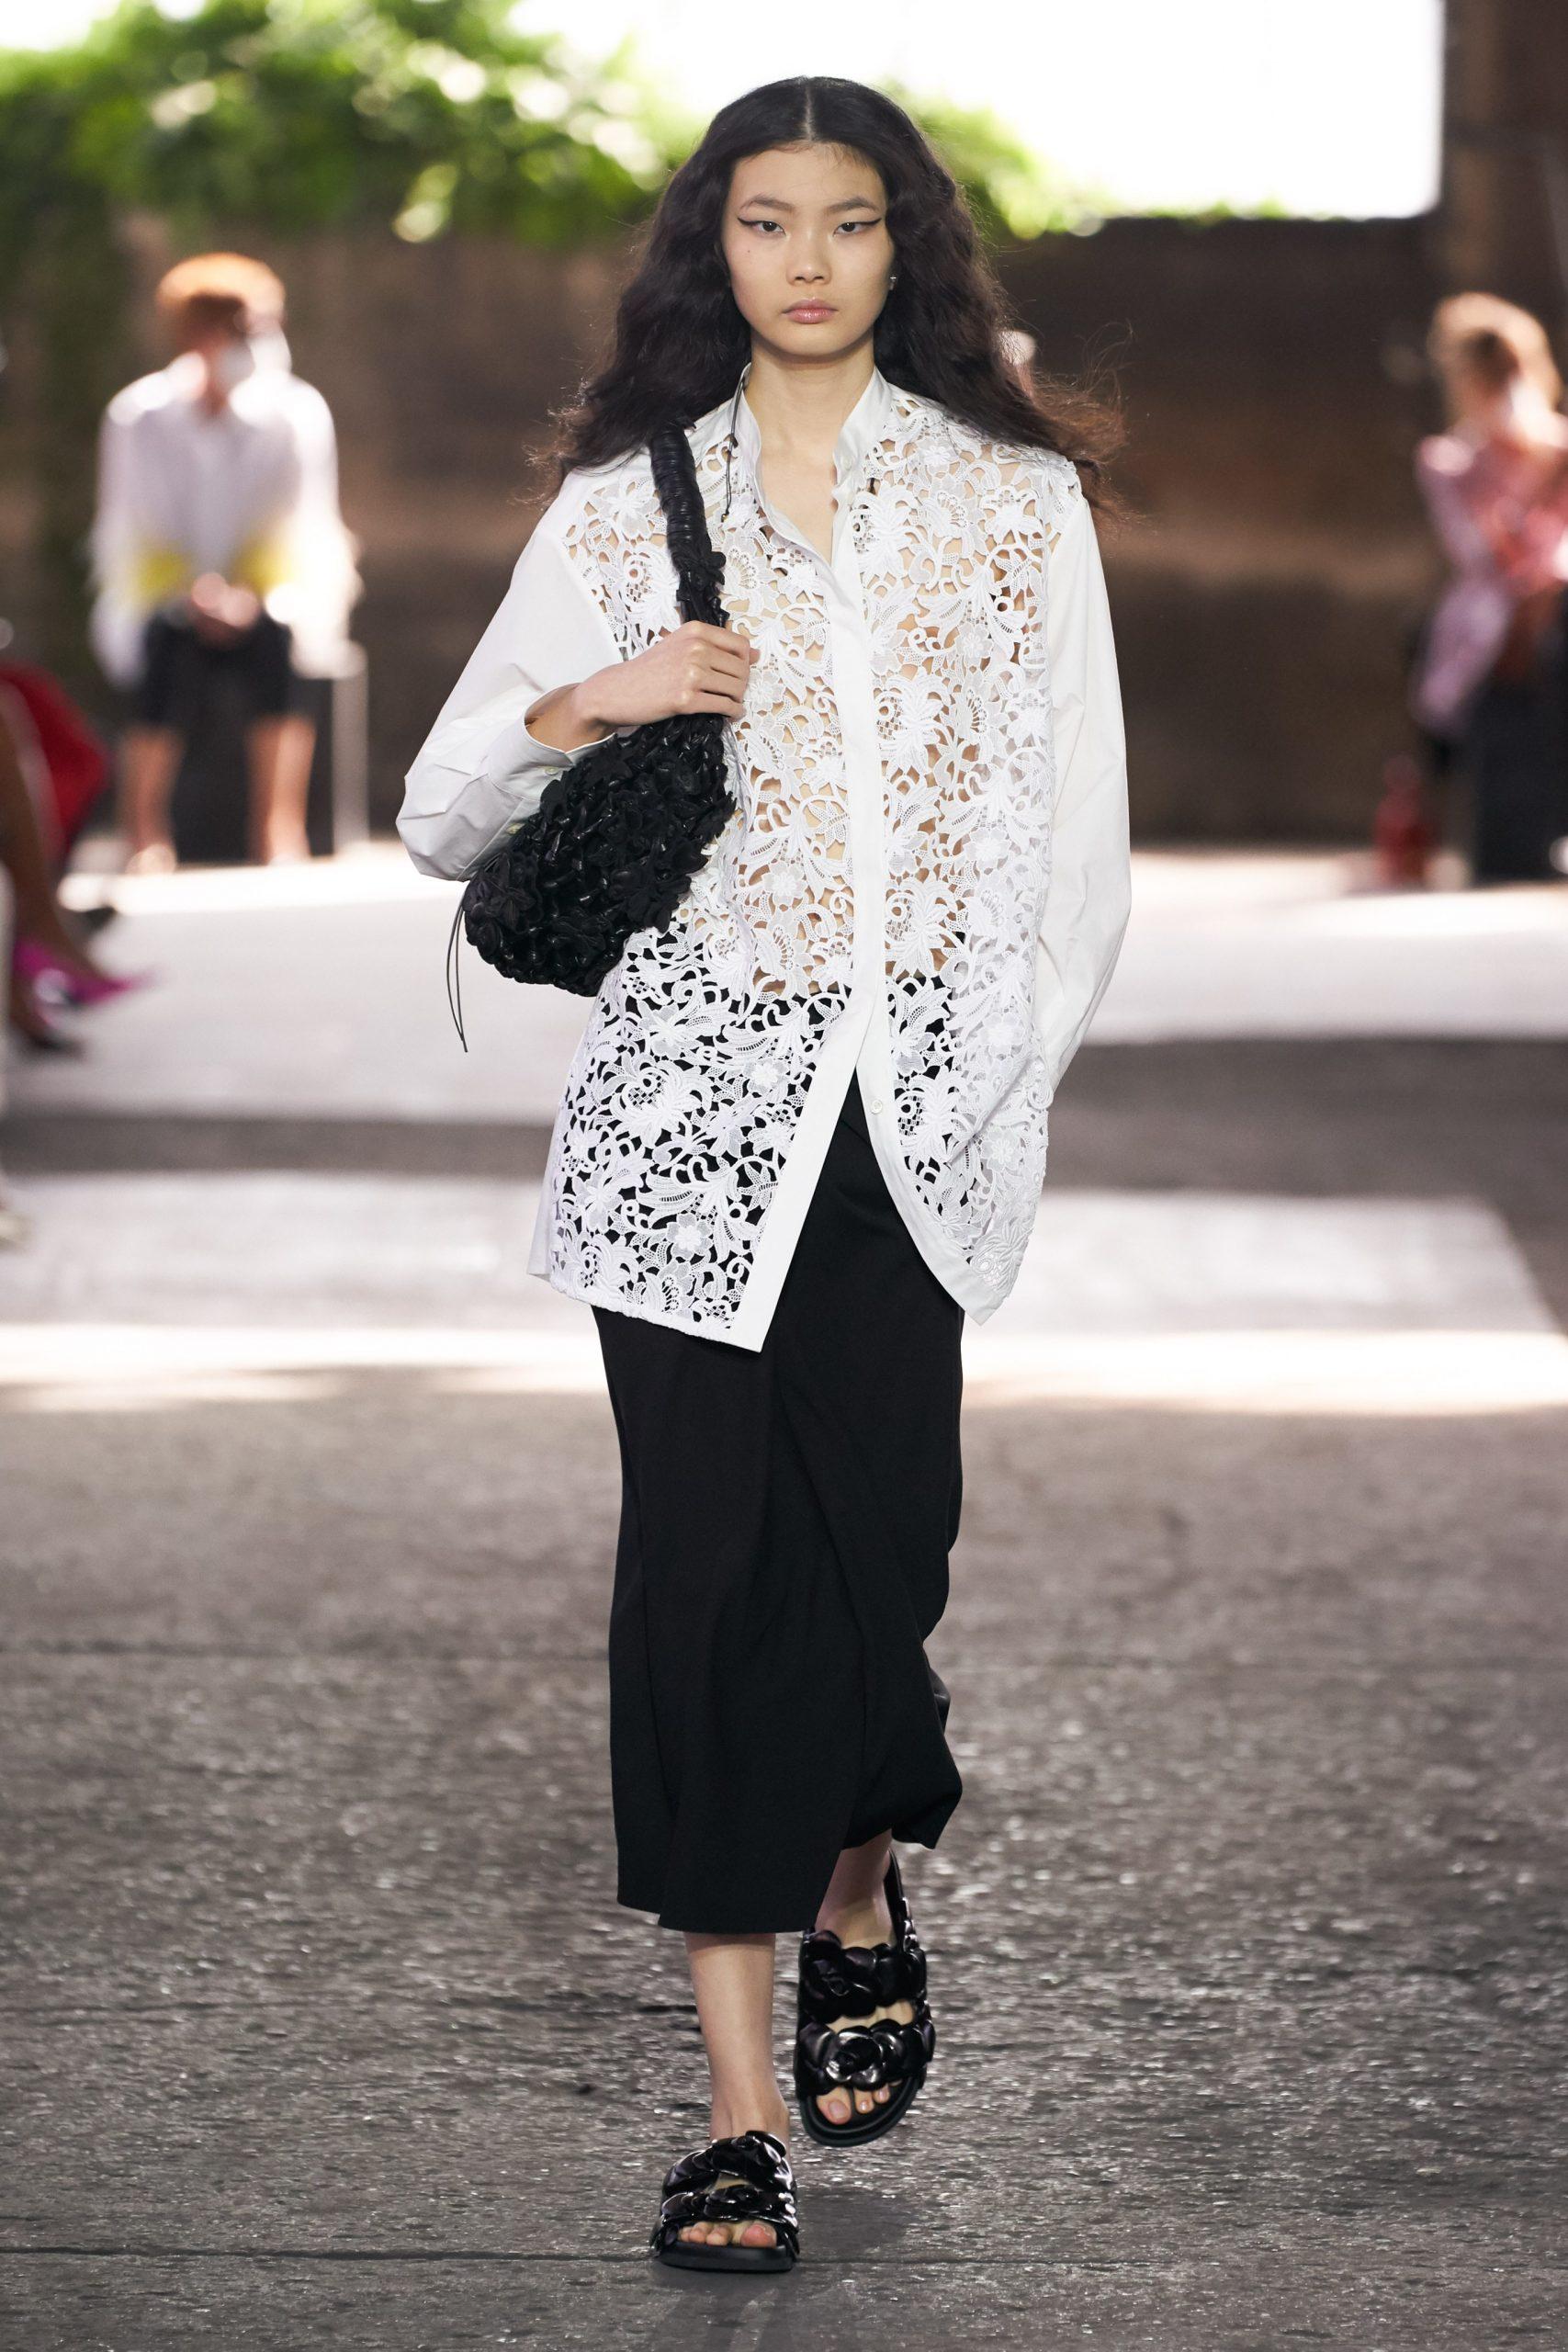 Конфетно-букетный период: полупрозрачные платья, сарафаны с бахромой и вязаные топы в коллекции Valentino SS 21